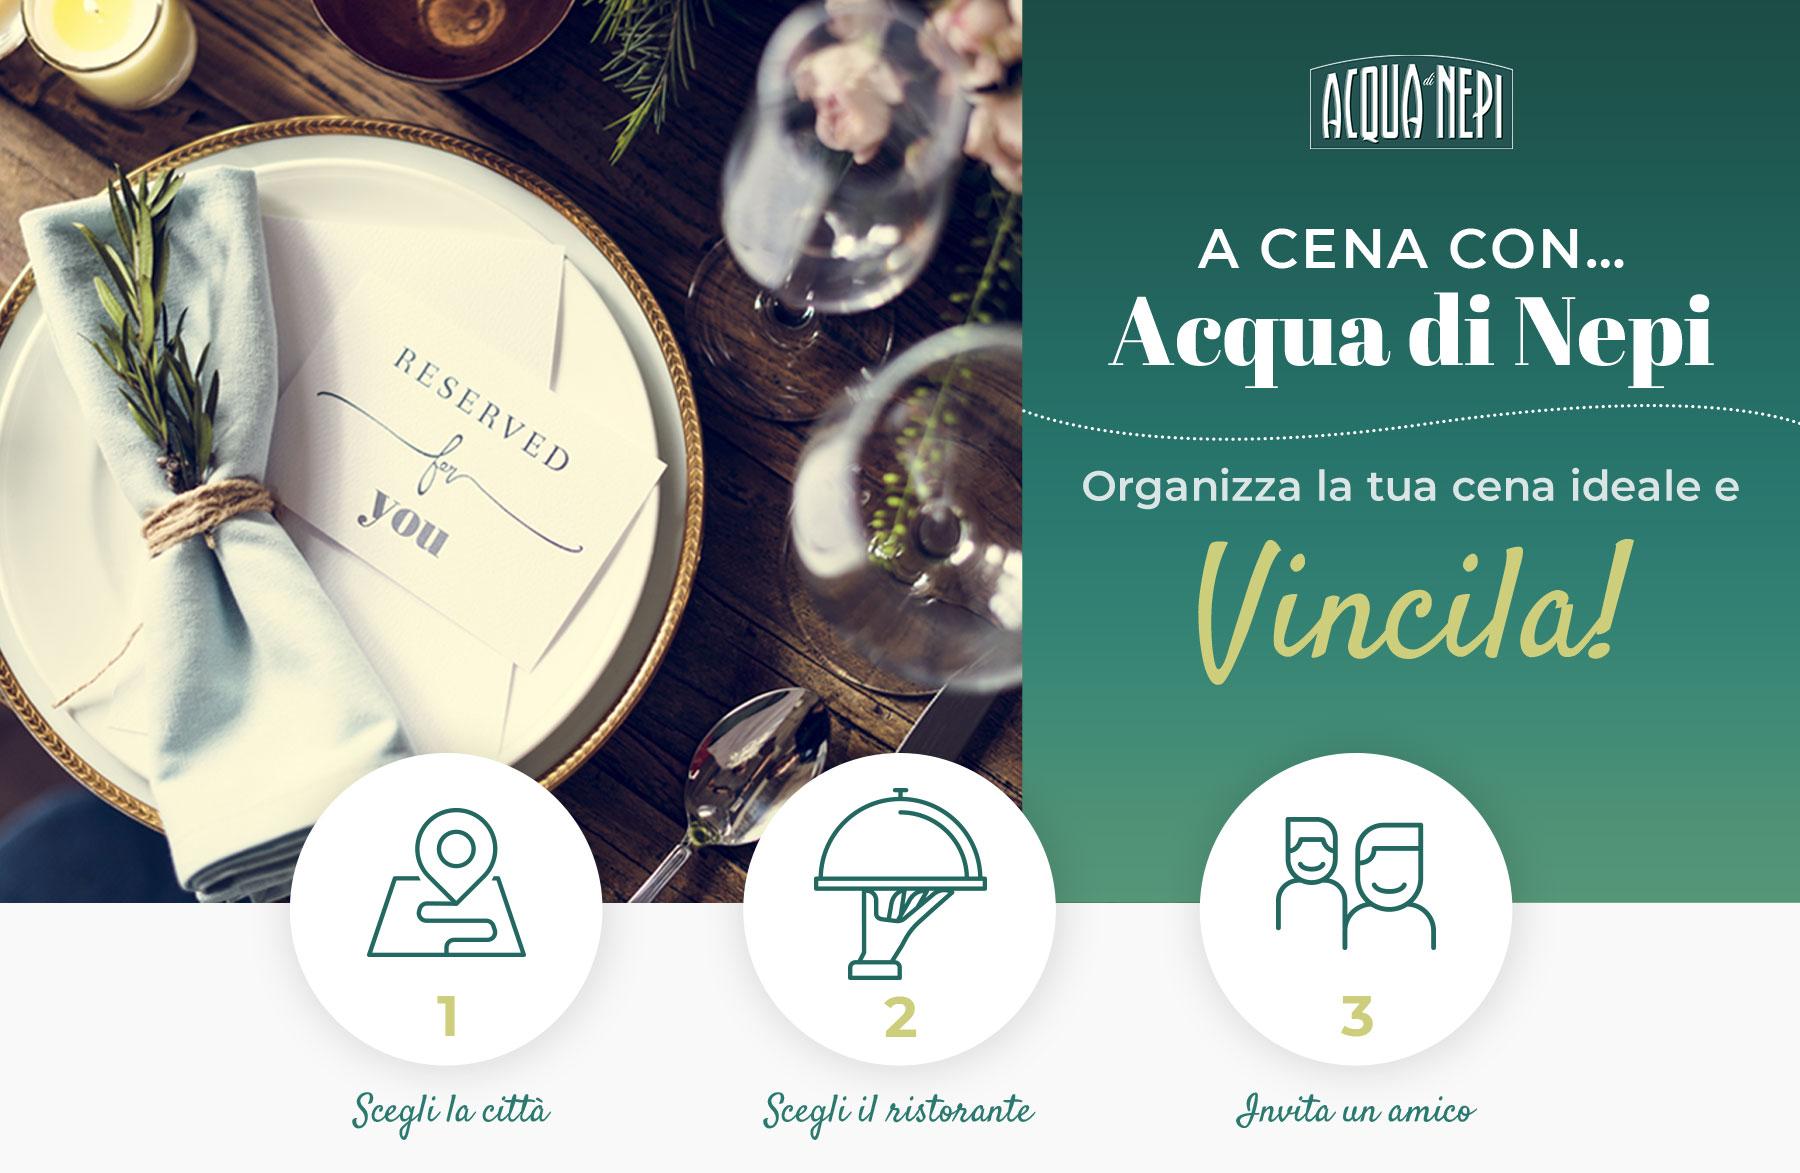 Cartolina concorso A cena con Acqua di Nepi 2019